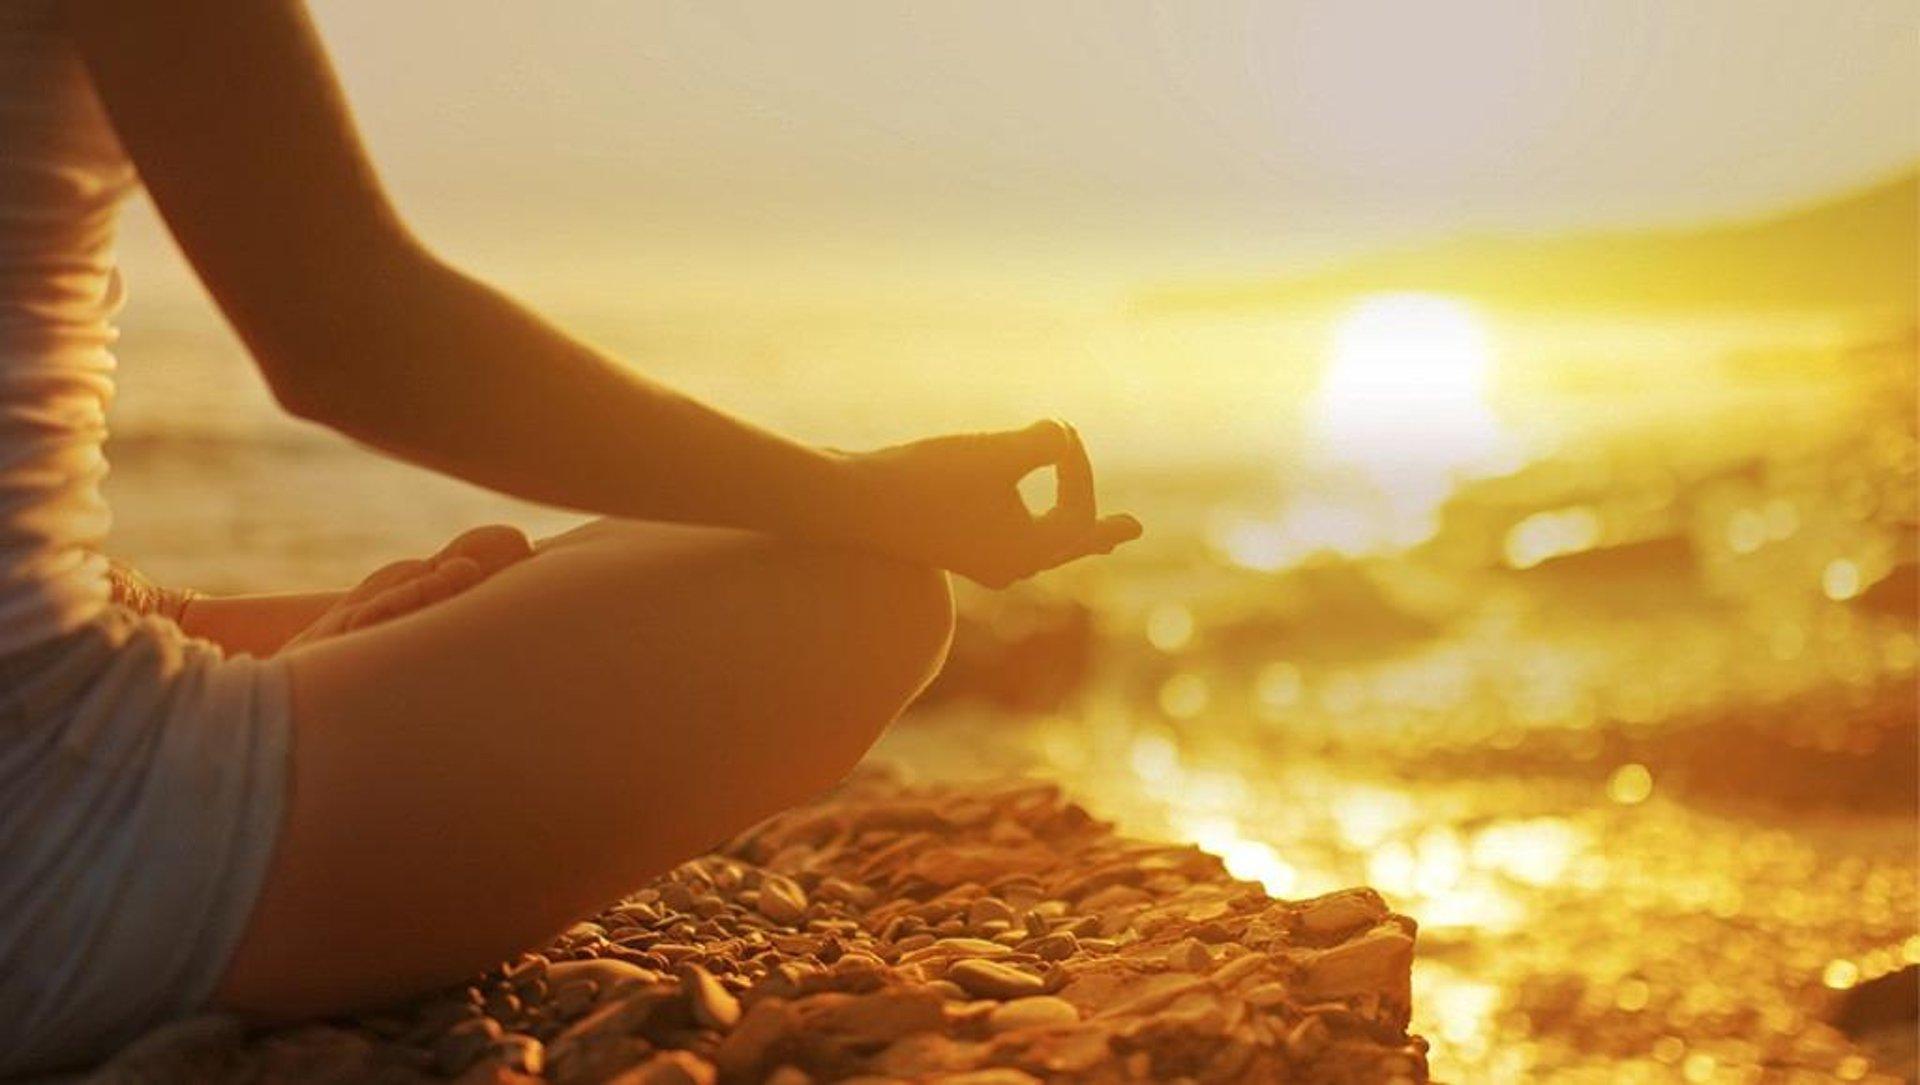 Знакомимся с миром йоги в студии Hot Yoga 36. Присоединяйтесь!